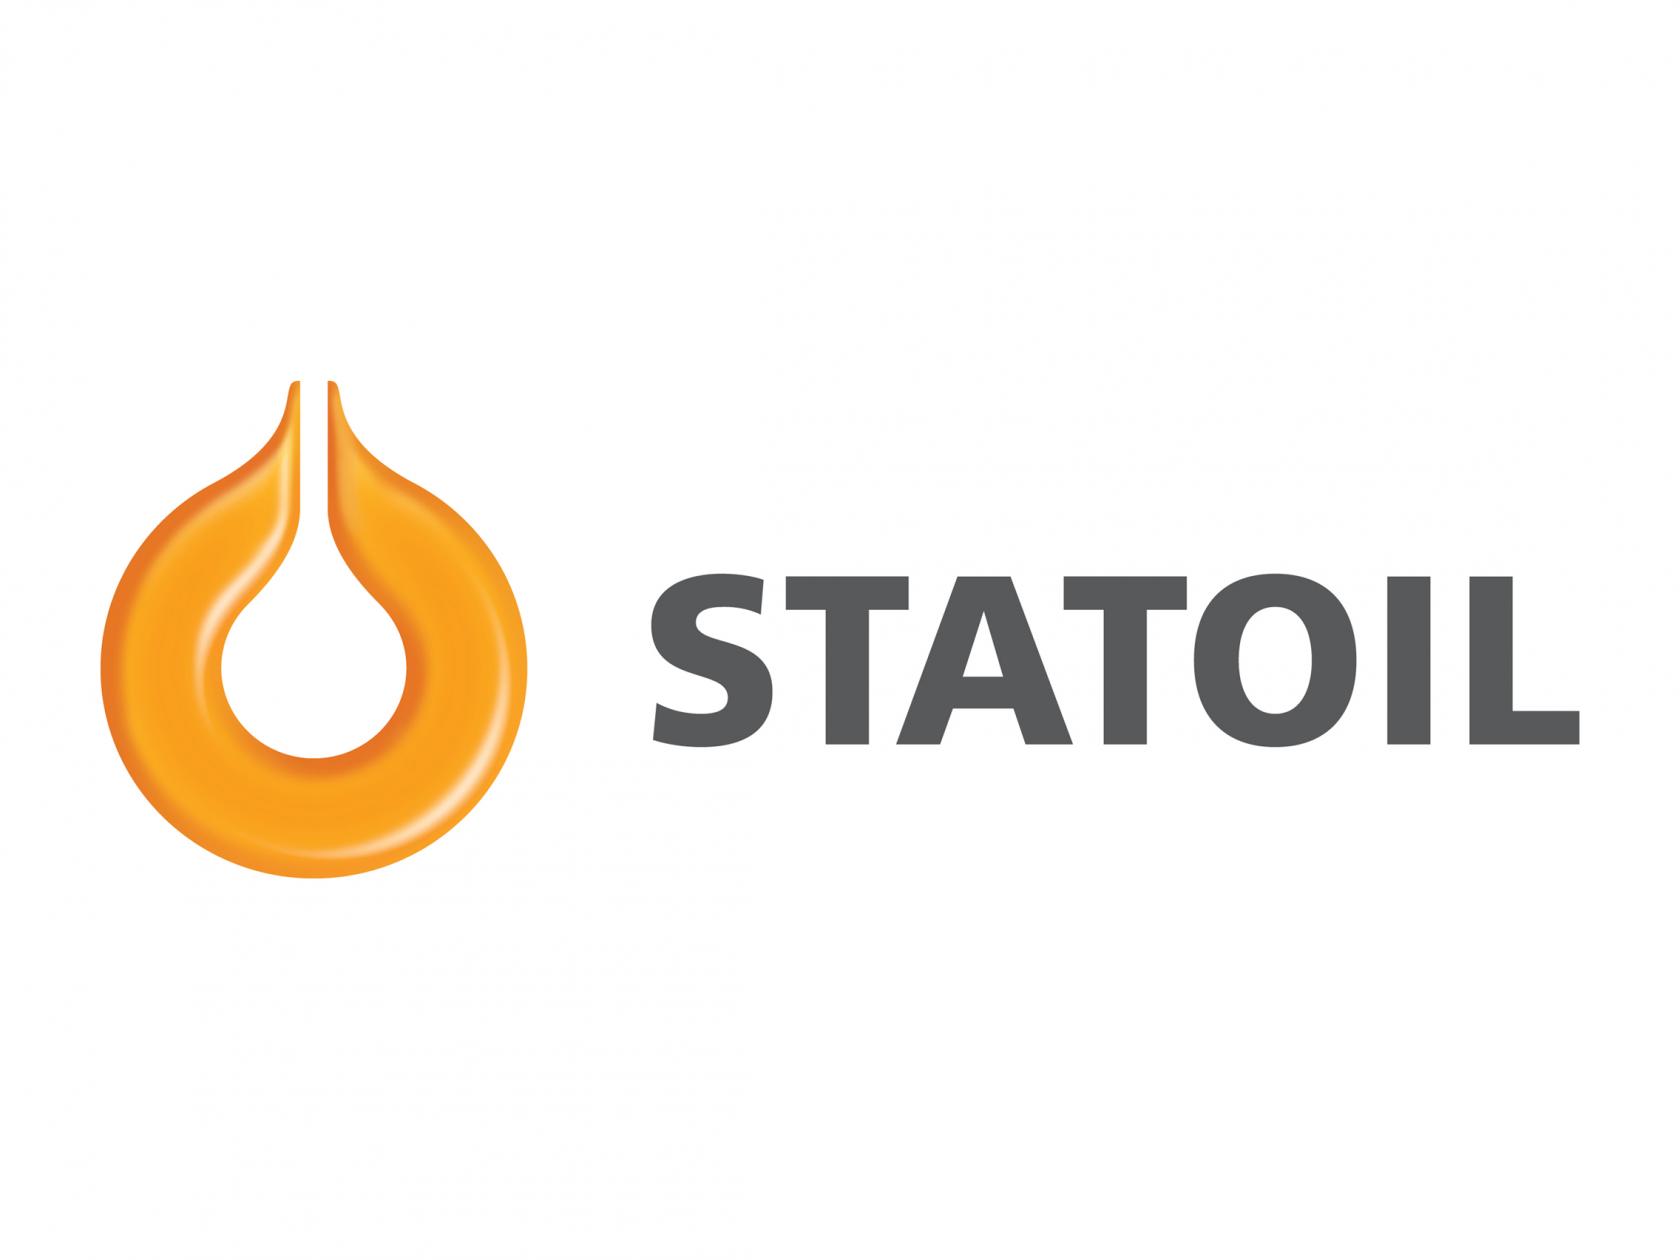 логотип statoil